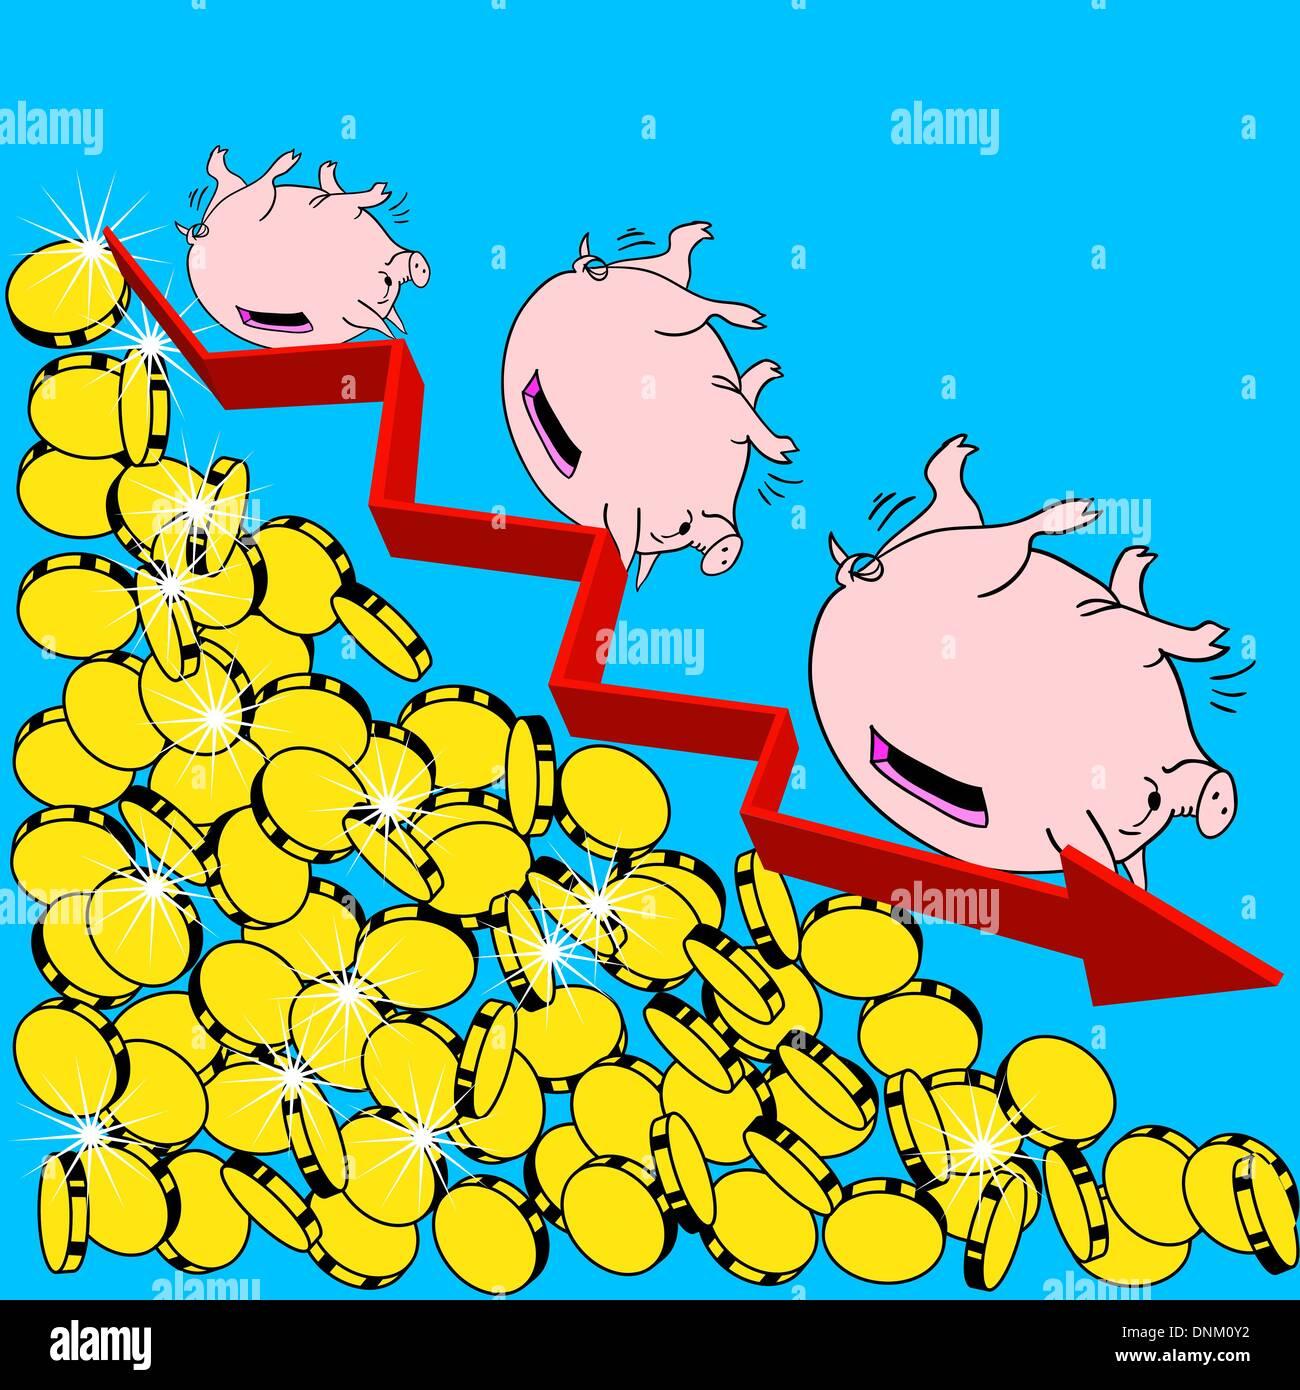 La crisi finanziaria concetto illustrazione Immagini Stock